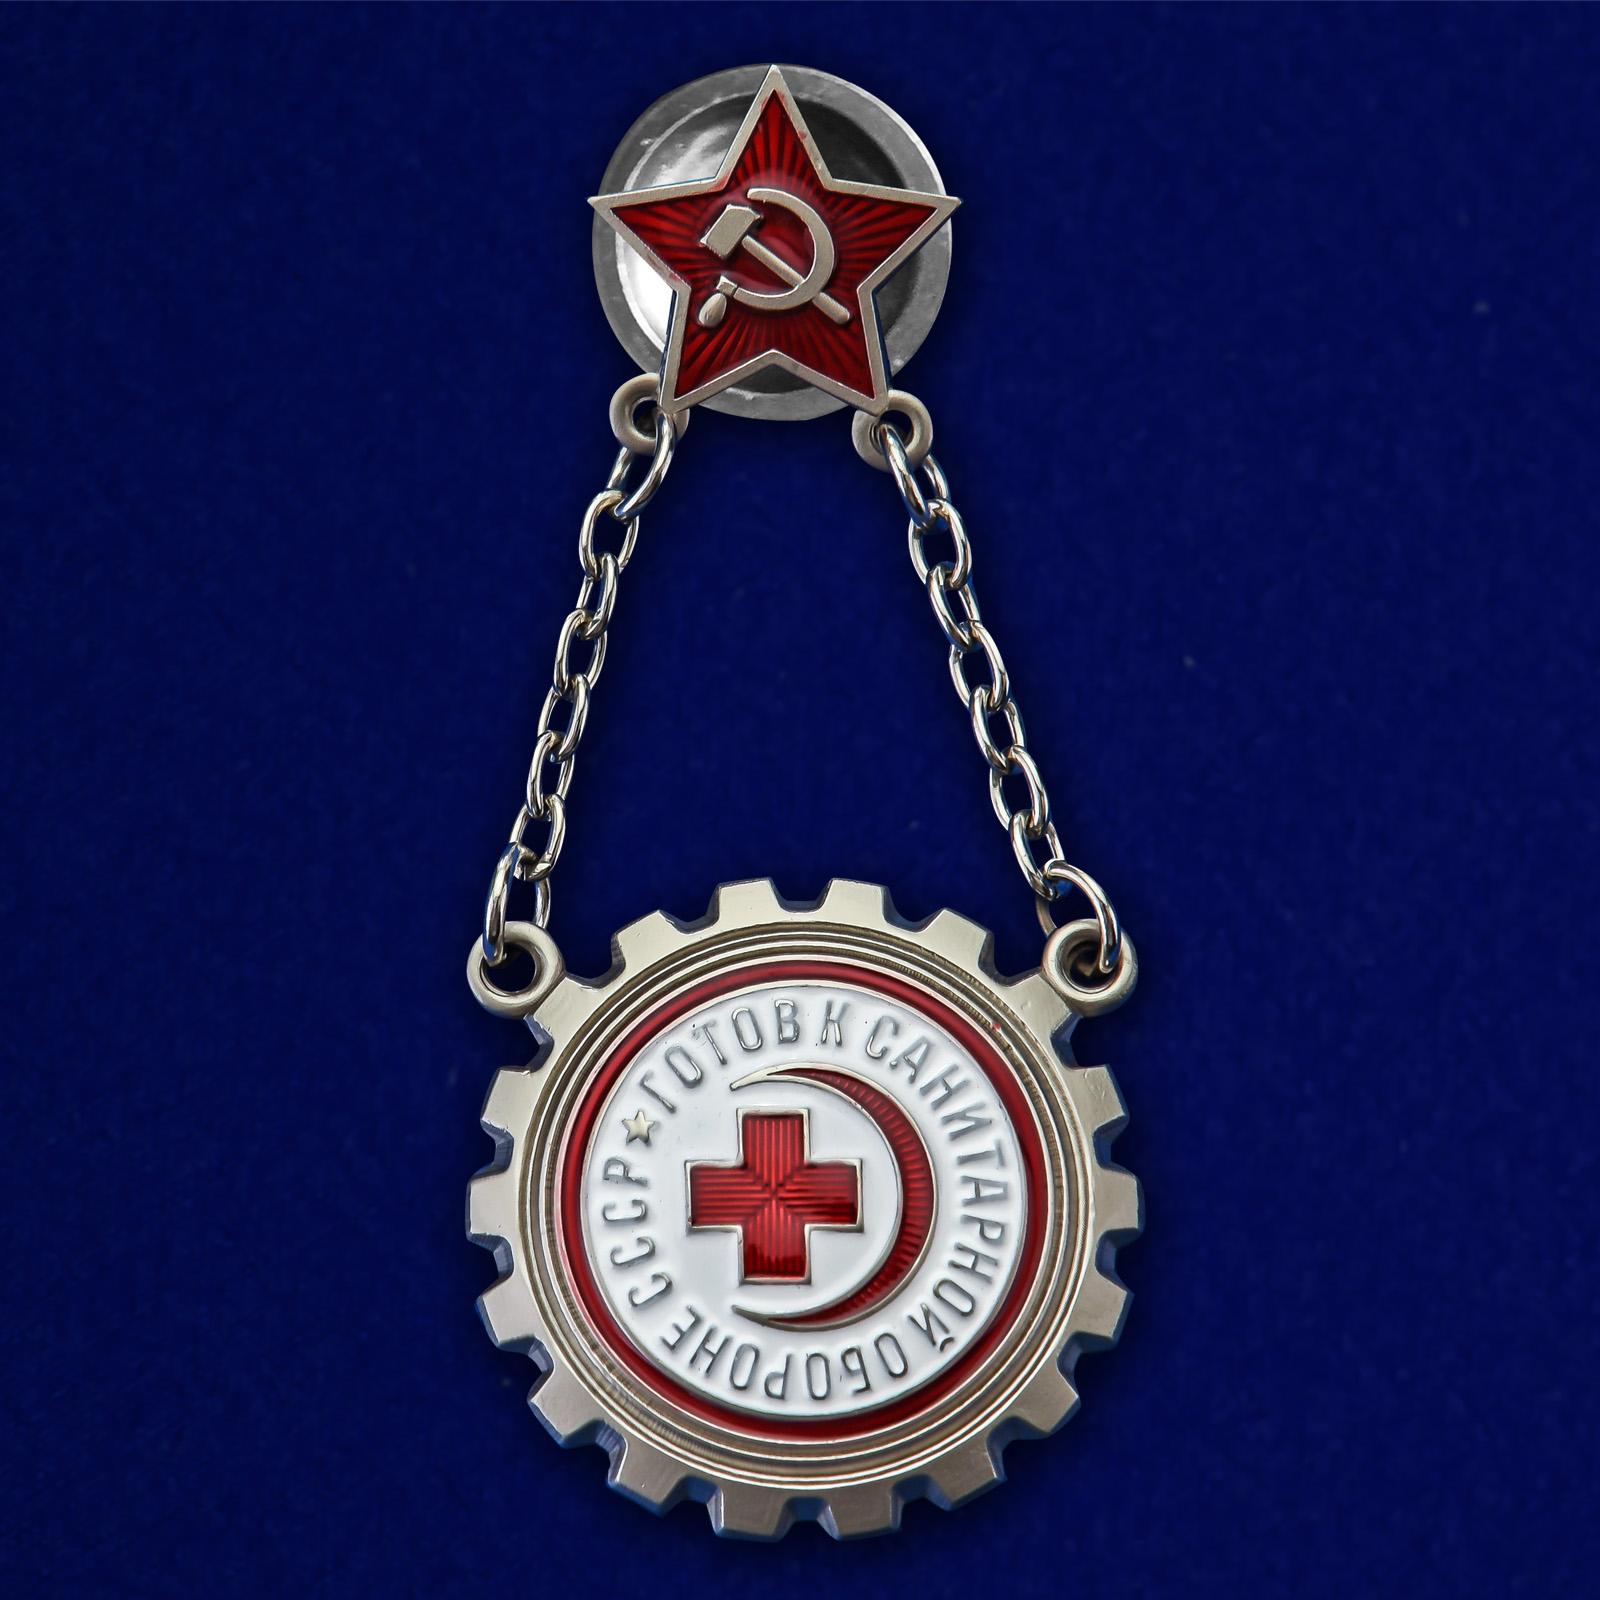 Знак Готов к санитарной обороне СССР